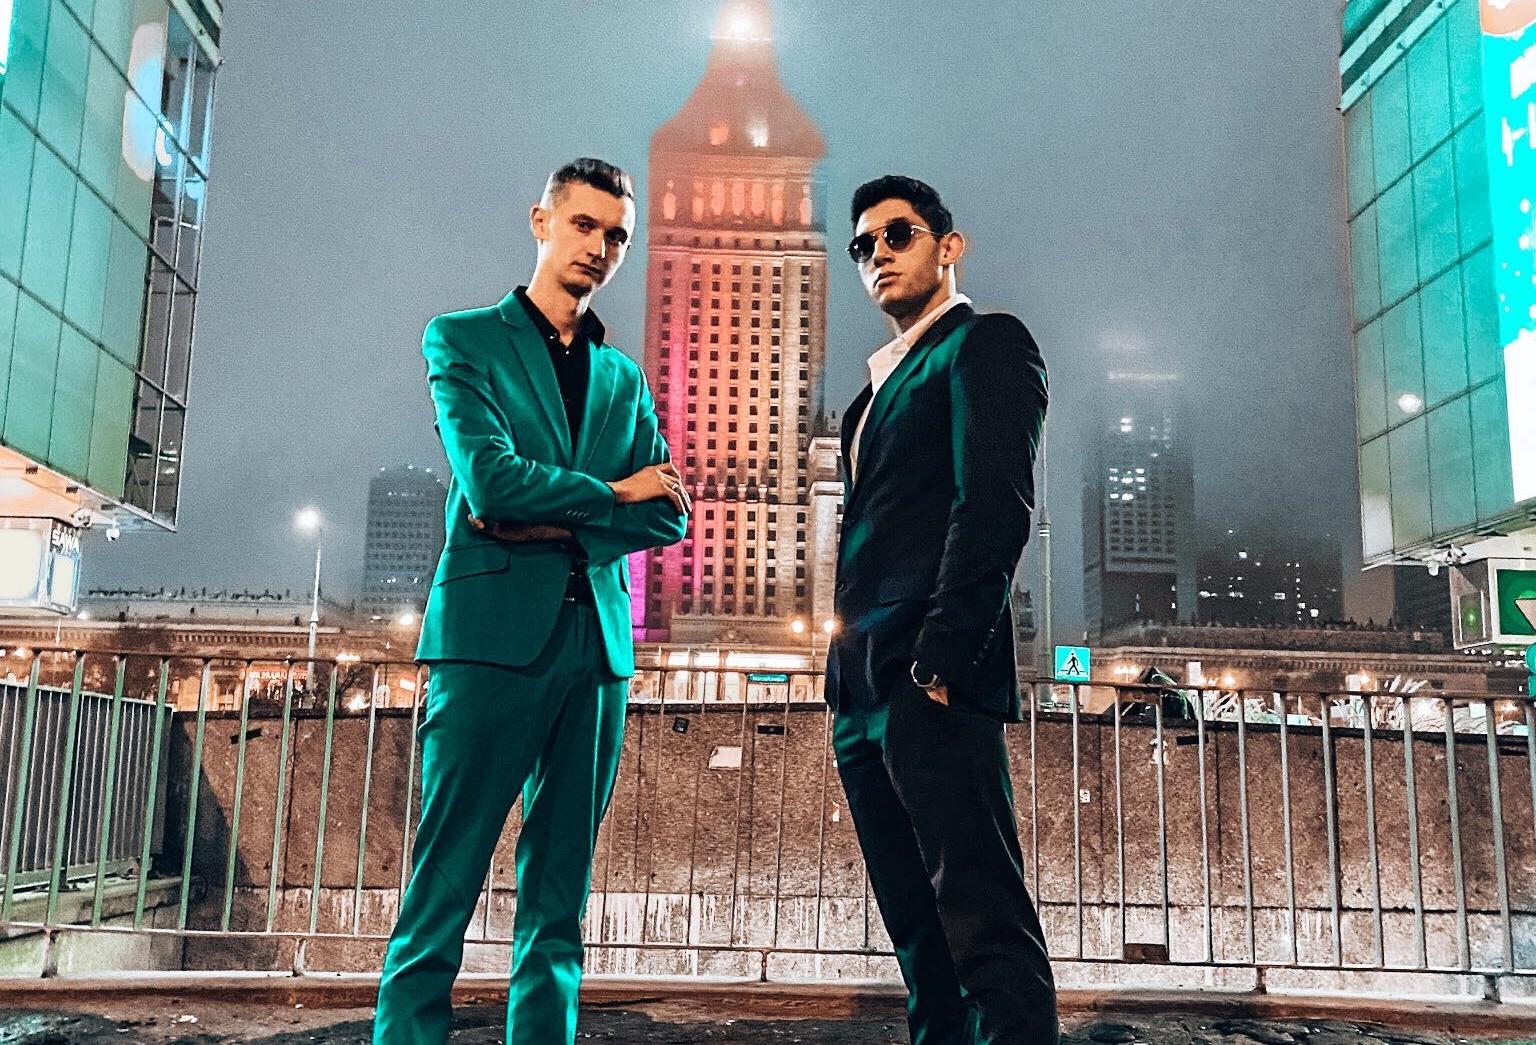 Gwiazdy disco polo zaskakują nowym projektem! Zainteresowanie Polaków ekspresowo rośnie!